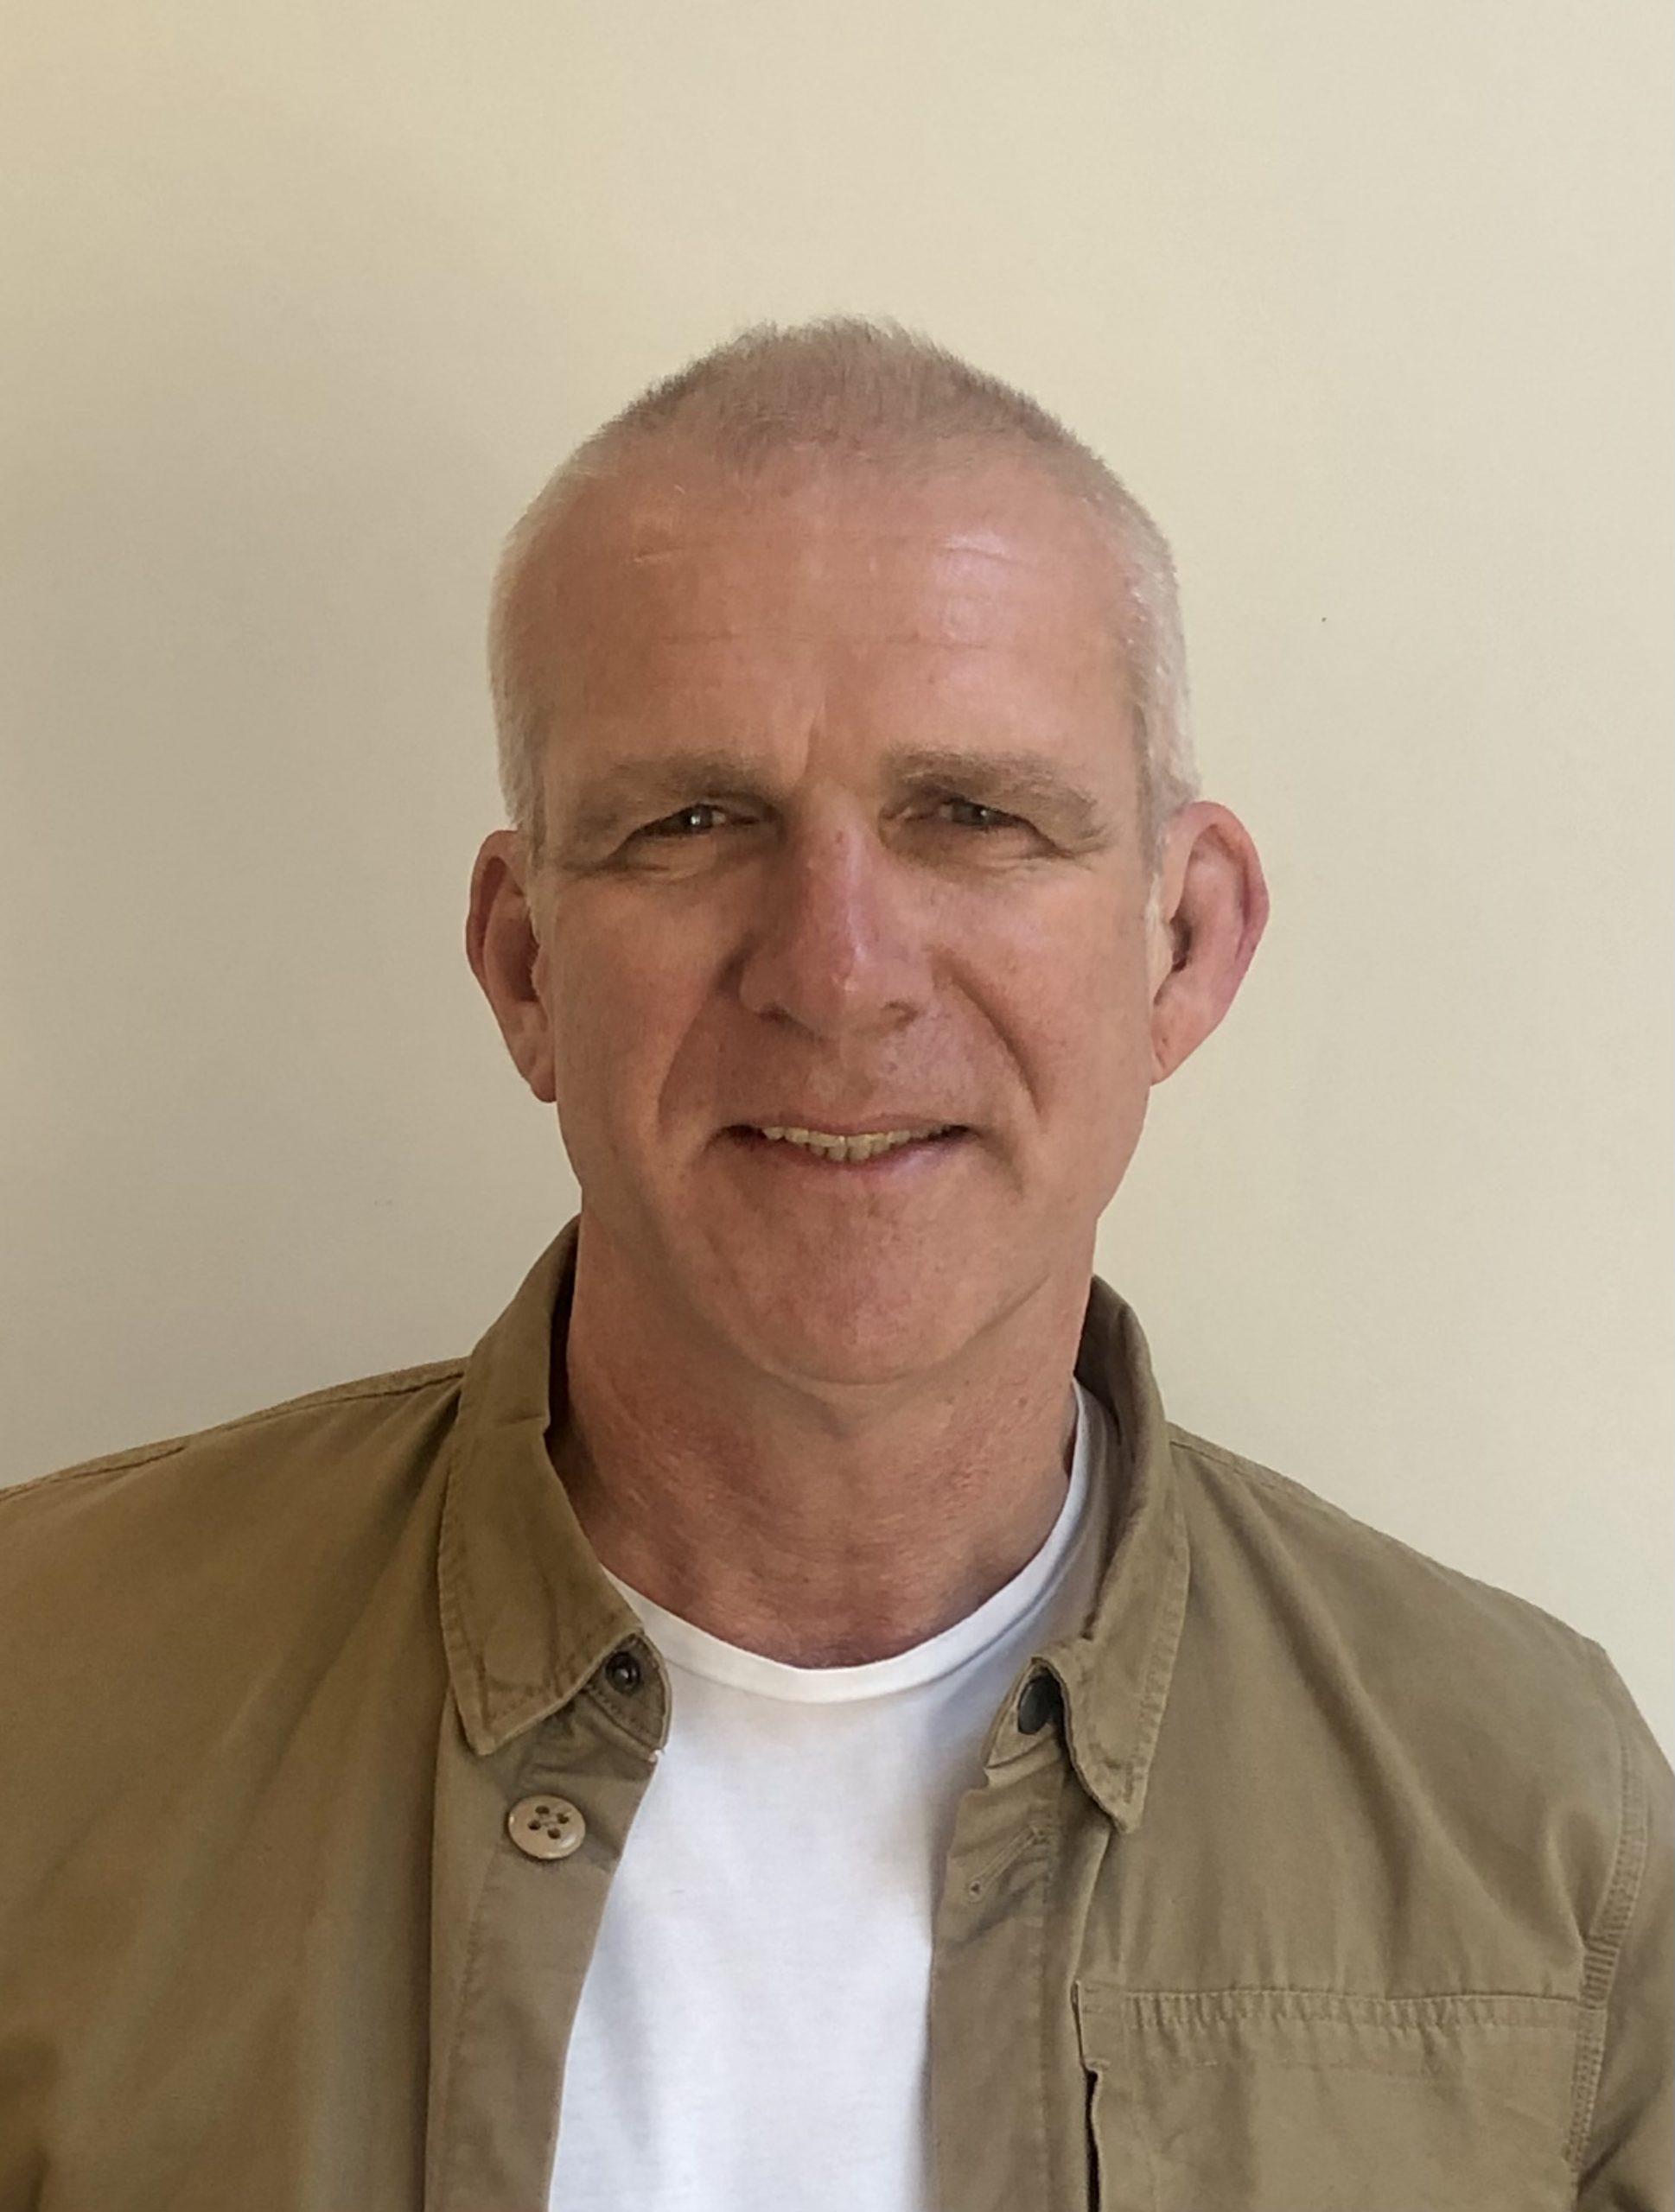 Alan J Edwards